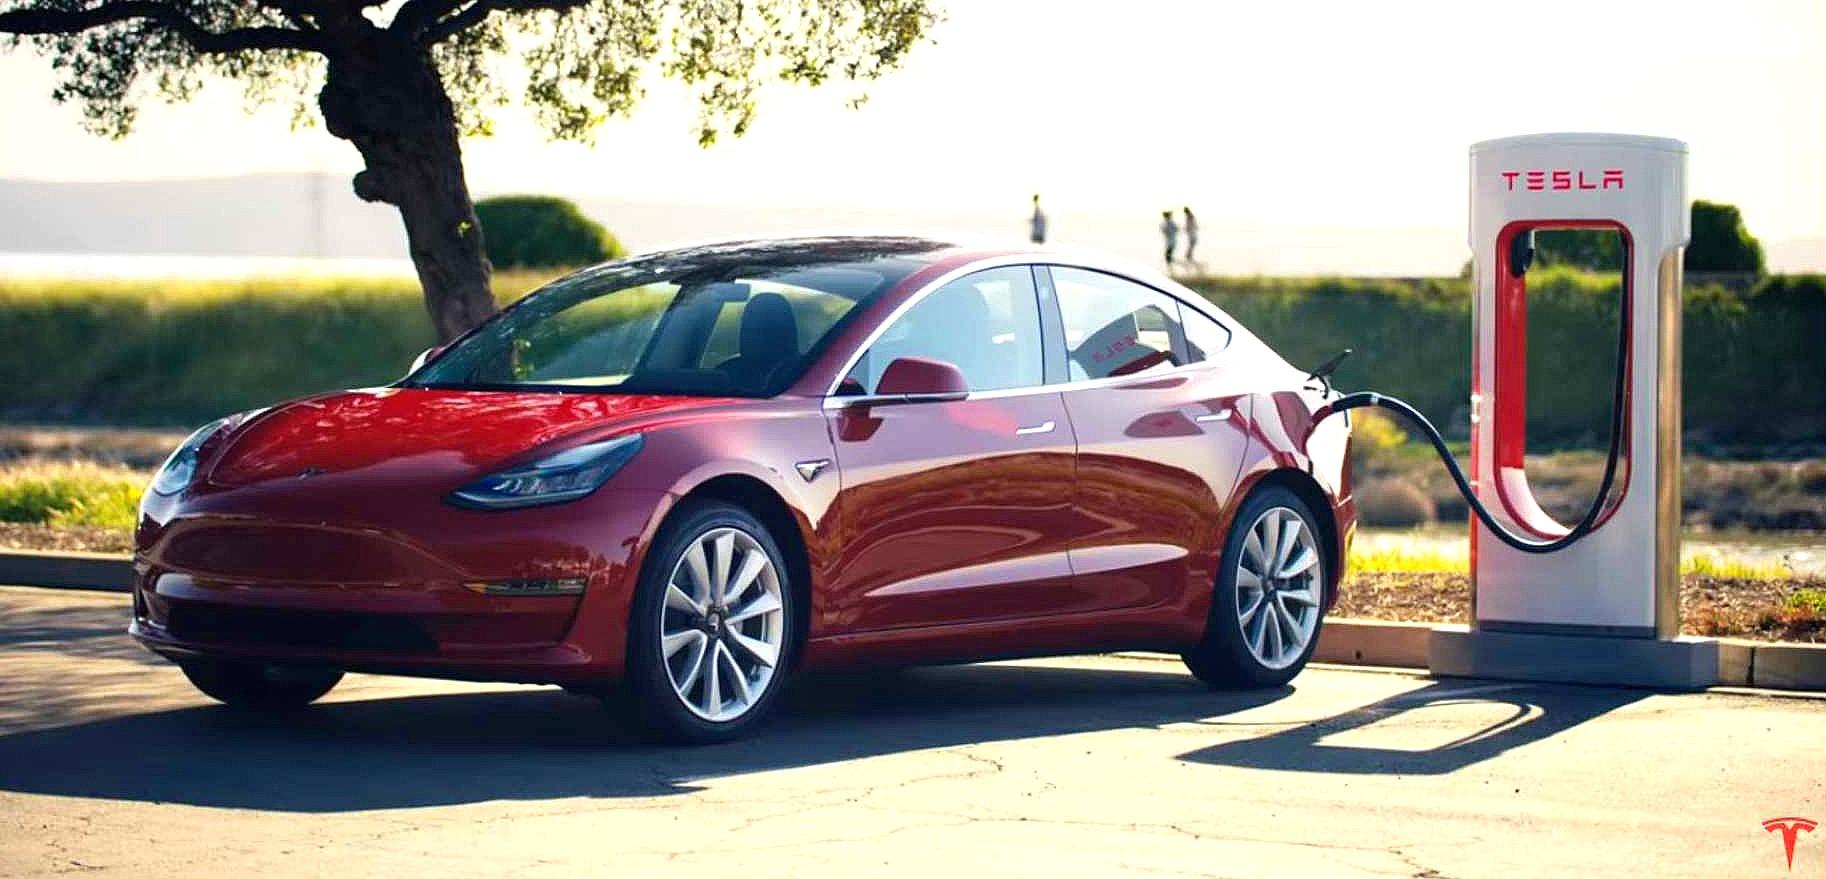 Nova bateria para carros elétricos carrega 75% em 5 min